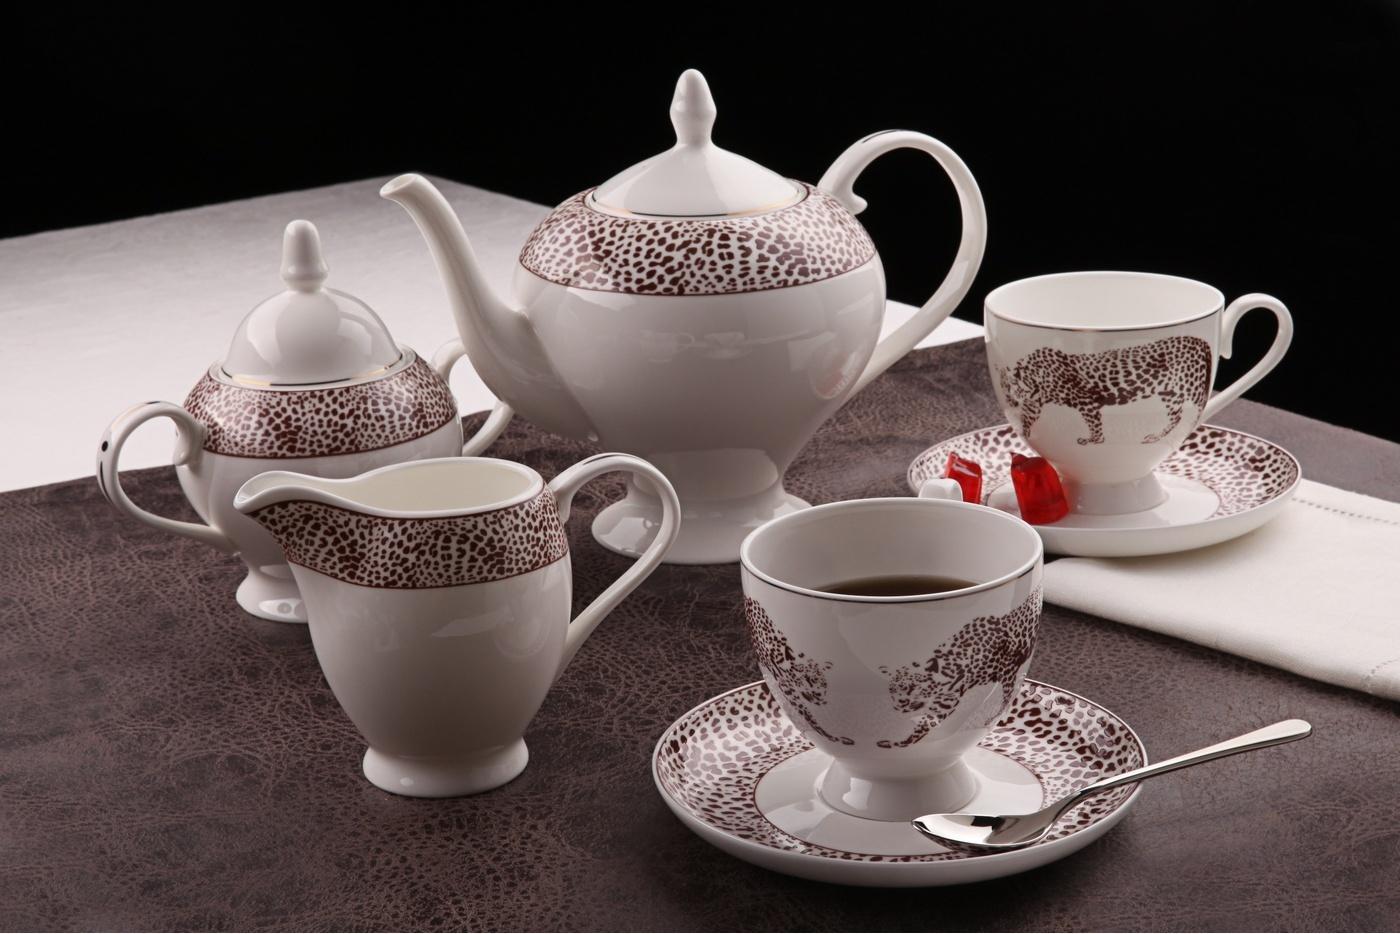 Чайный сервиз Royal Aurel Сафари арт.122, 15 предметовЧайные сервизы<br>Чайный сервиз Royal Aurel Сафари арт.122, 15 предметов<br><br><br><br><br><br><br><br><br><br><br>Чашка 270 мл,6 шт.<br>Блюдце 15 см,6 шт.<br>Чайник 1100 мл<br>Сахарница 370 мл<br><br><br><br><br><br><br><br><br>Молочник 300 мл<br><br><br><br><br><br><br><br><br>Производить посуду из фарфора начали в Китае на стыке 6-7 веков. Неустанно совершенствуя и селективно отбирая сырье для производства посуды из фарфора, мастерам удалось добиться выдающихся характеристик фарфора: белизны и тонкостенности. В XV веке появился особый интерес к китайской фарфоровой посуде, так как в это время Европе возникла мода на самобытные китайские вещи. Роскошный китайский фарфор являлся изыском и был в новинку, поэтому он выступал в качестве подарка королям, а также знатным людям. Такой дорогой подарок был очень престижен и по праву являлся элитной посудой. Как известно из многочисленных исторических документов, в Европе китайские изделия из фарфора ценились практически как золото. <br>Проверка изделий из костяного фарфора на подлинность <br>По сравнению с производством других видов фарфора процесс производства изделий из настоящего костяного фарфора сложен и весьма длителен. Посуда из изящного фарфора - это элитная посуда, которая всегда ассоциируется с богатством, величием и благородством. Несмотря на небольшую толщину, фарфоровая посуда - это очень прочное изделие. Для демонстрации плотности и прочности фарфора можно легко коснуться предметов посуды из фарфора деревянной палочкой, и тогда мы услушим характерный металлический звон. В составе фарфоровой посуды присутствует костяная зола, благодаря чему она может быть намного тоньше (не более 2,5 мм) и легче твердого или мягкого фарфора. Безупречная белизна - ключевой признак отличия такого фарфора от других. Цвет обычного фарфора сероватый или ближе к голубоватому, а костяной фарфор будет всегда будет молочно-белого цвета. Характерная и немаловажная деталь - это невес